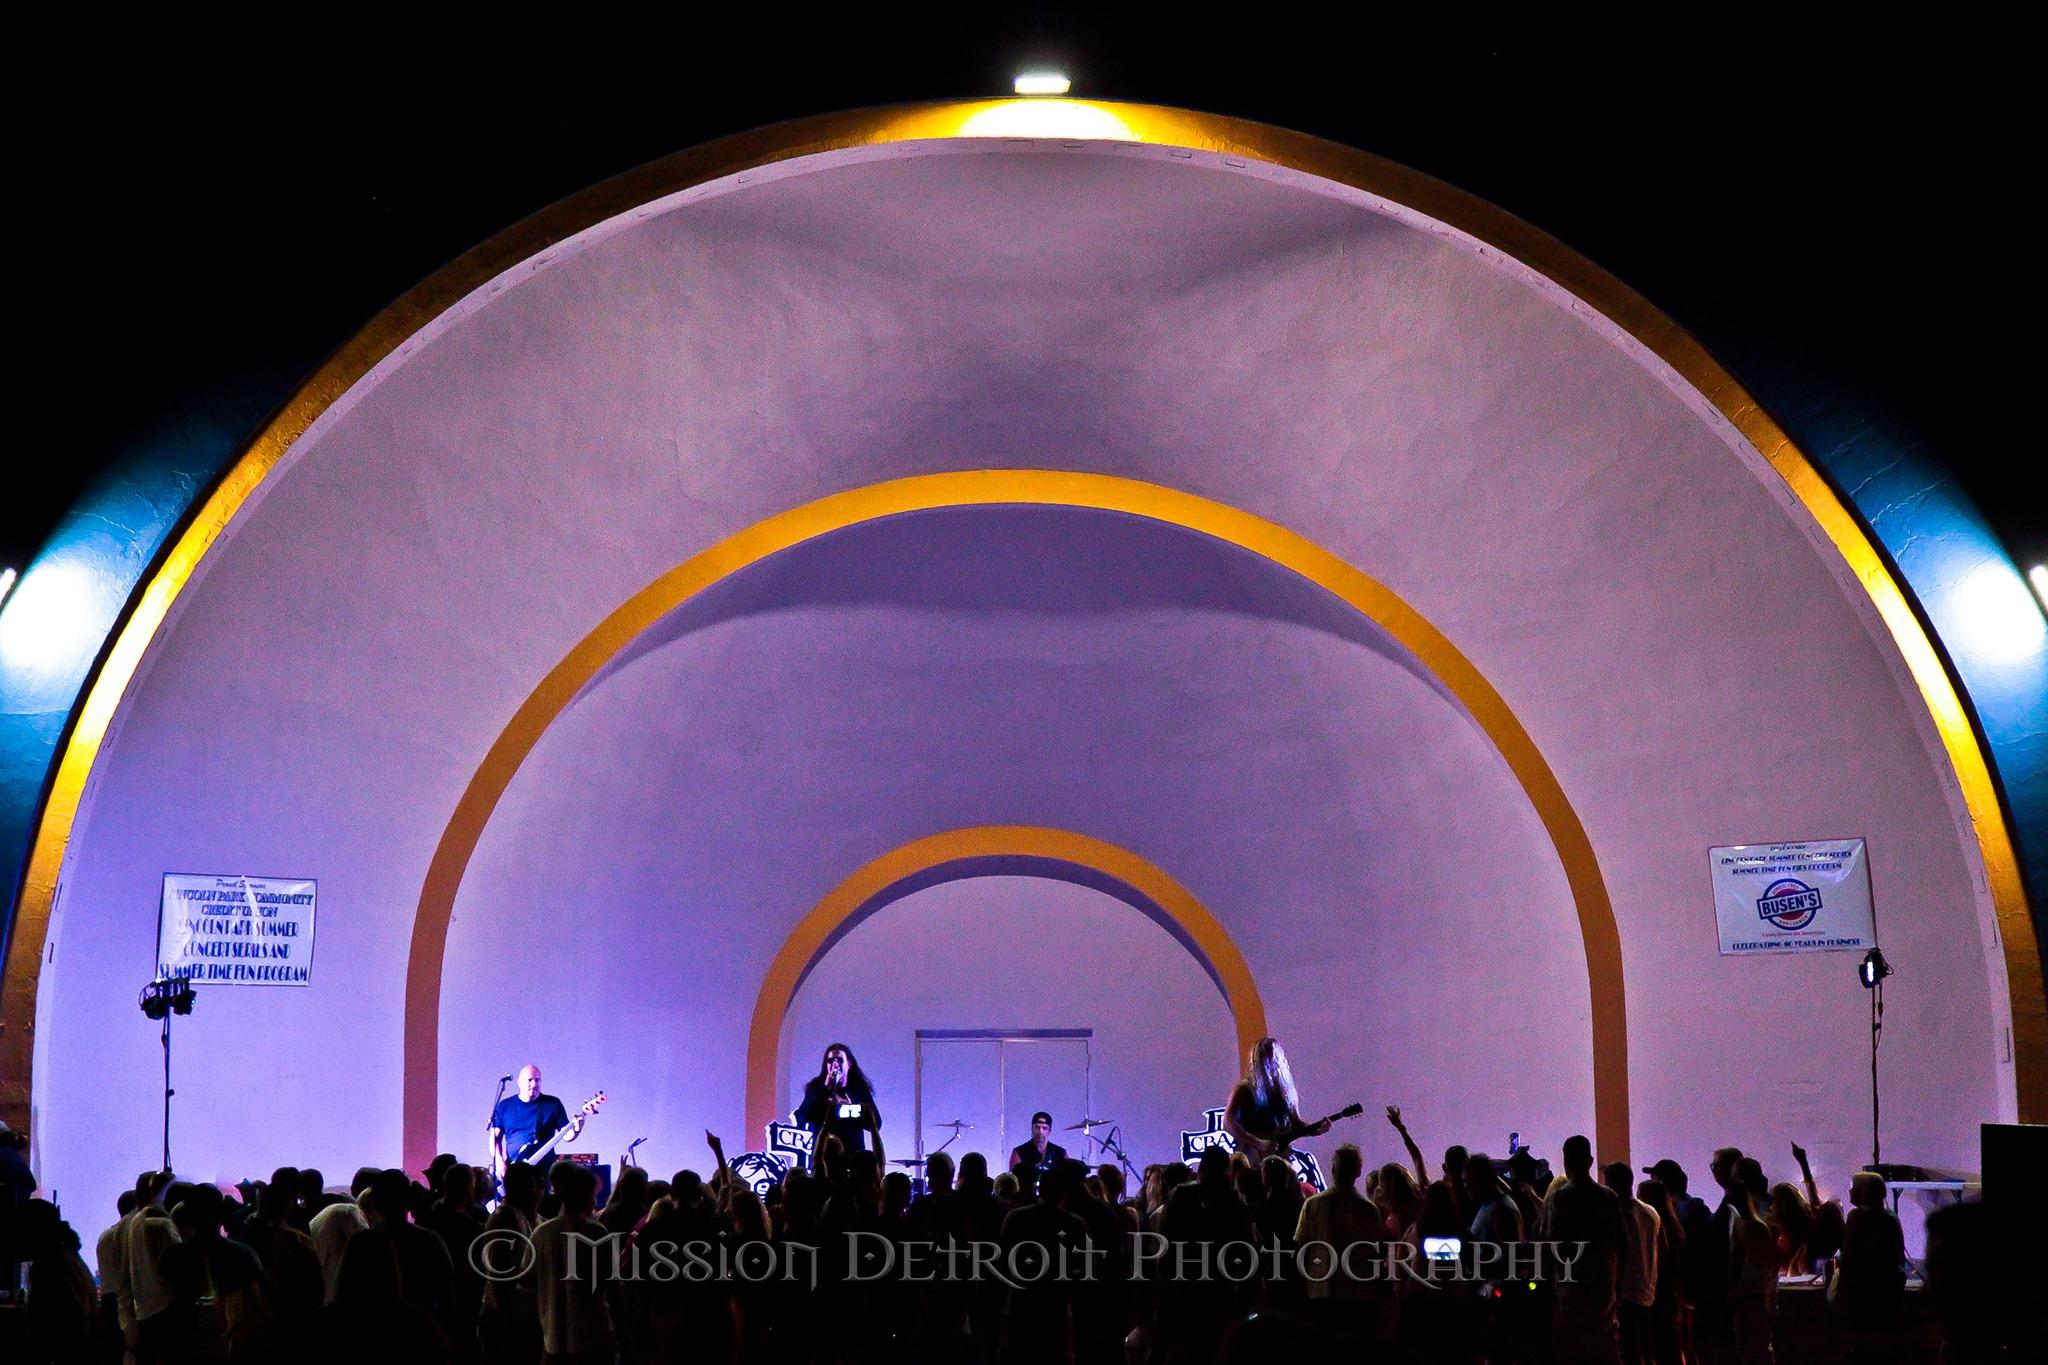 Lincoln Park Bandshell